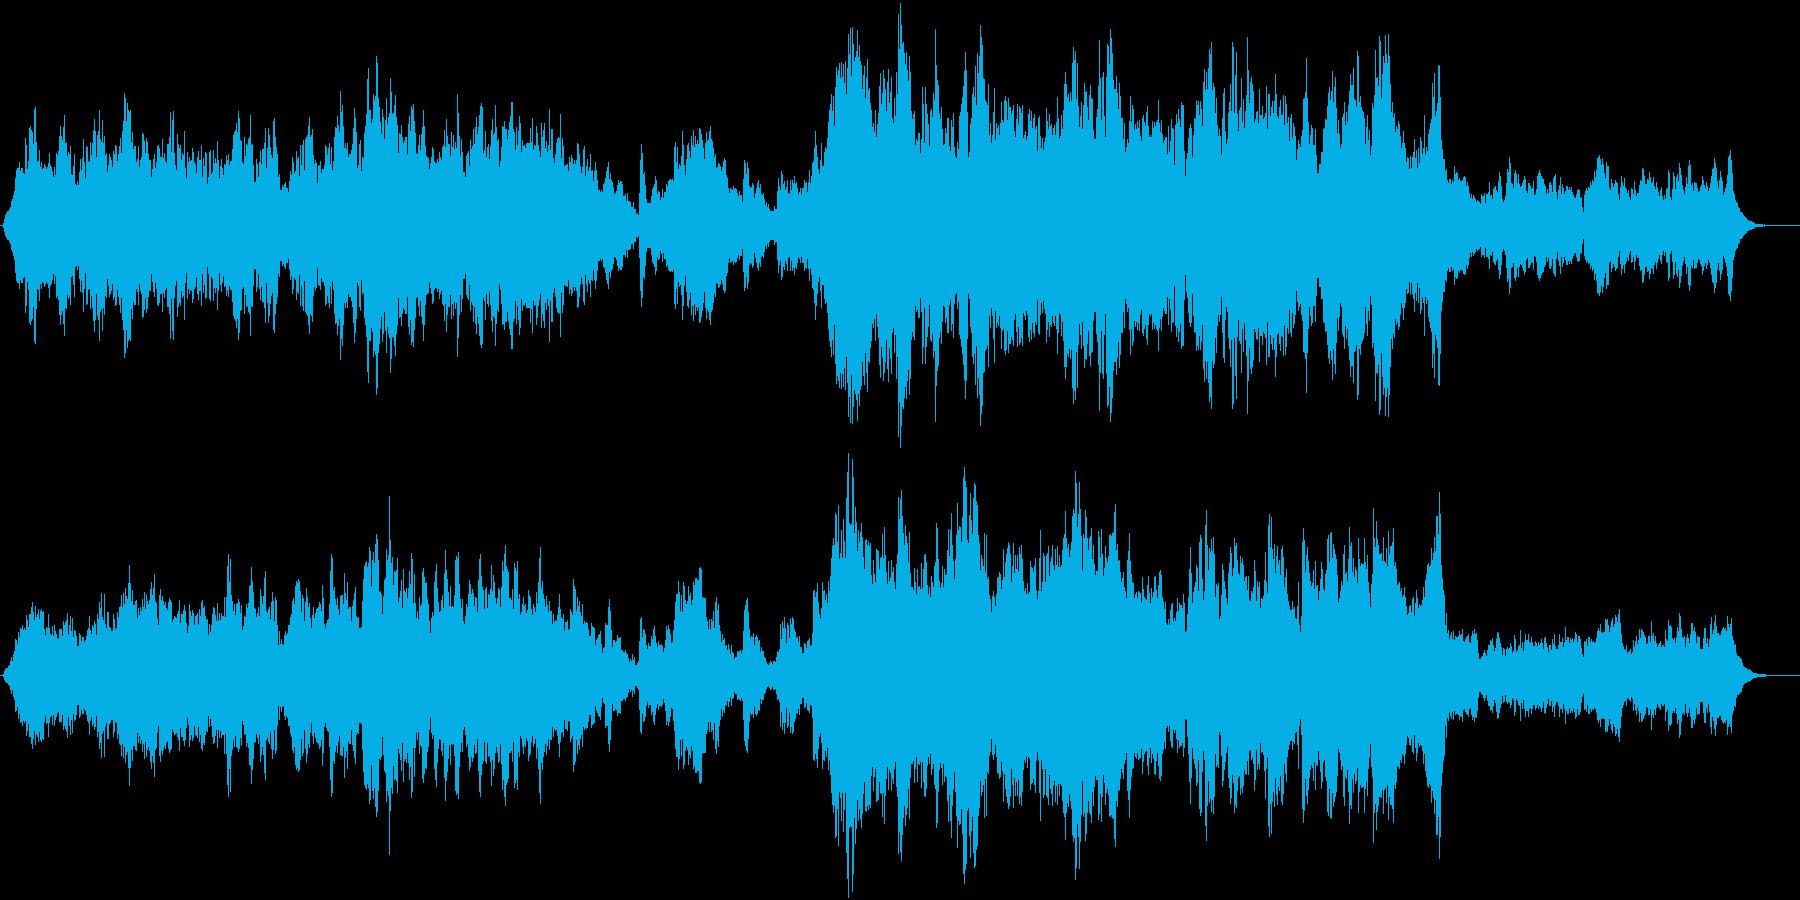 ドラマティックな映像系オーケストラ曲の再生済みの波形